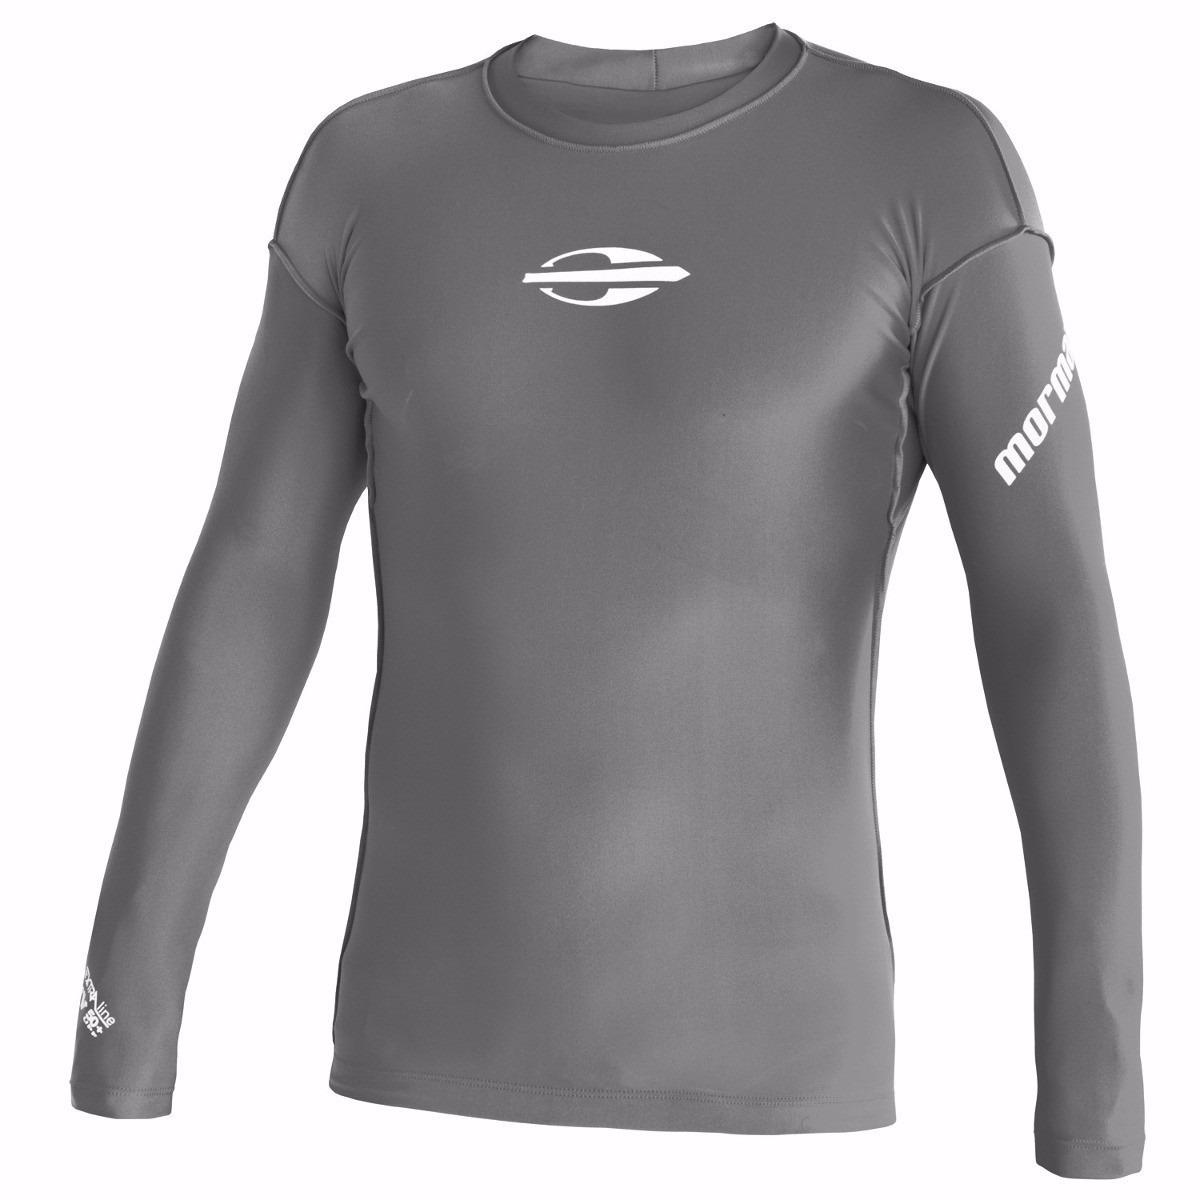 c608fea39e Características. Marca mormaii  Modelo extraline  Gênero Masculino   Material da camiseta Lycra  Tipo de manga Longa